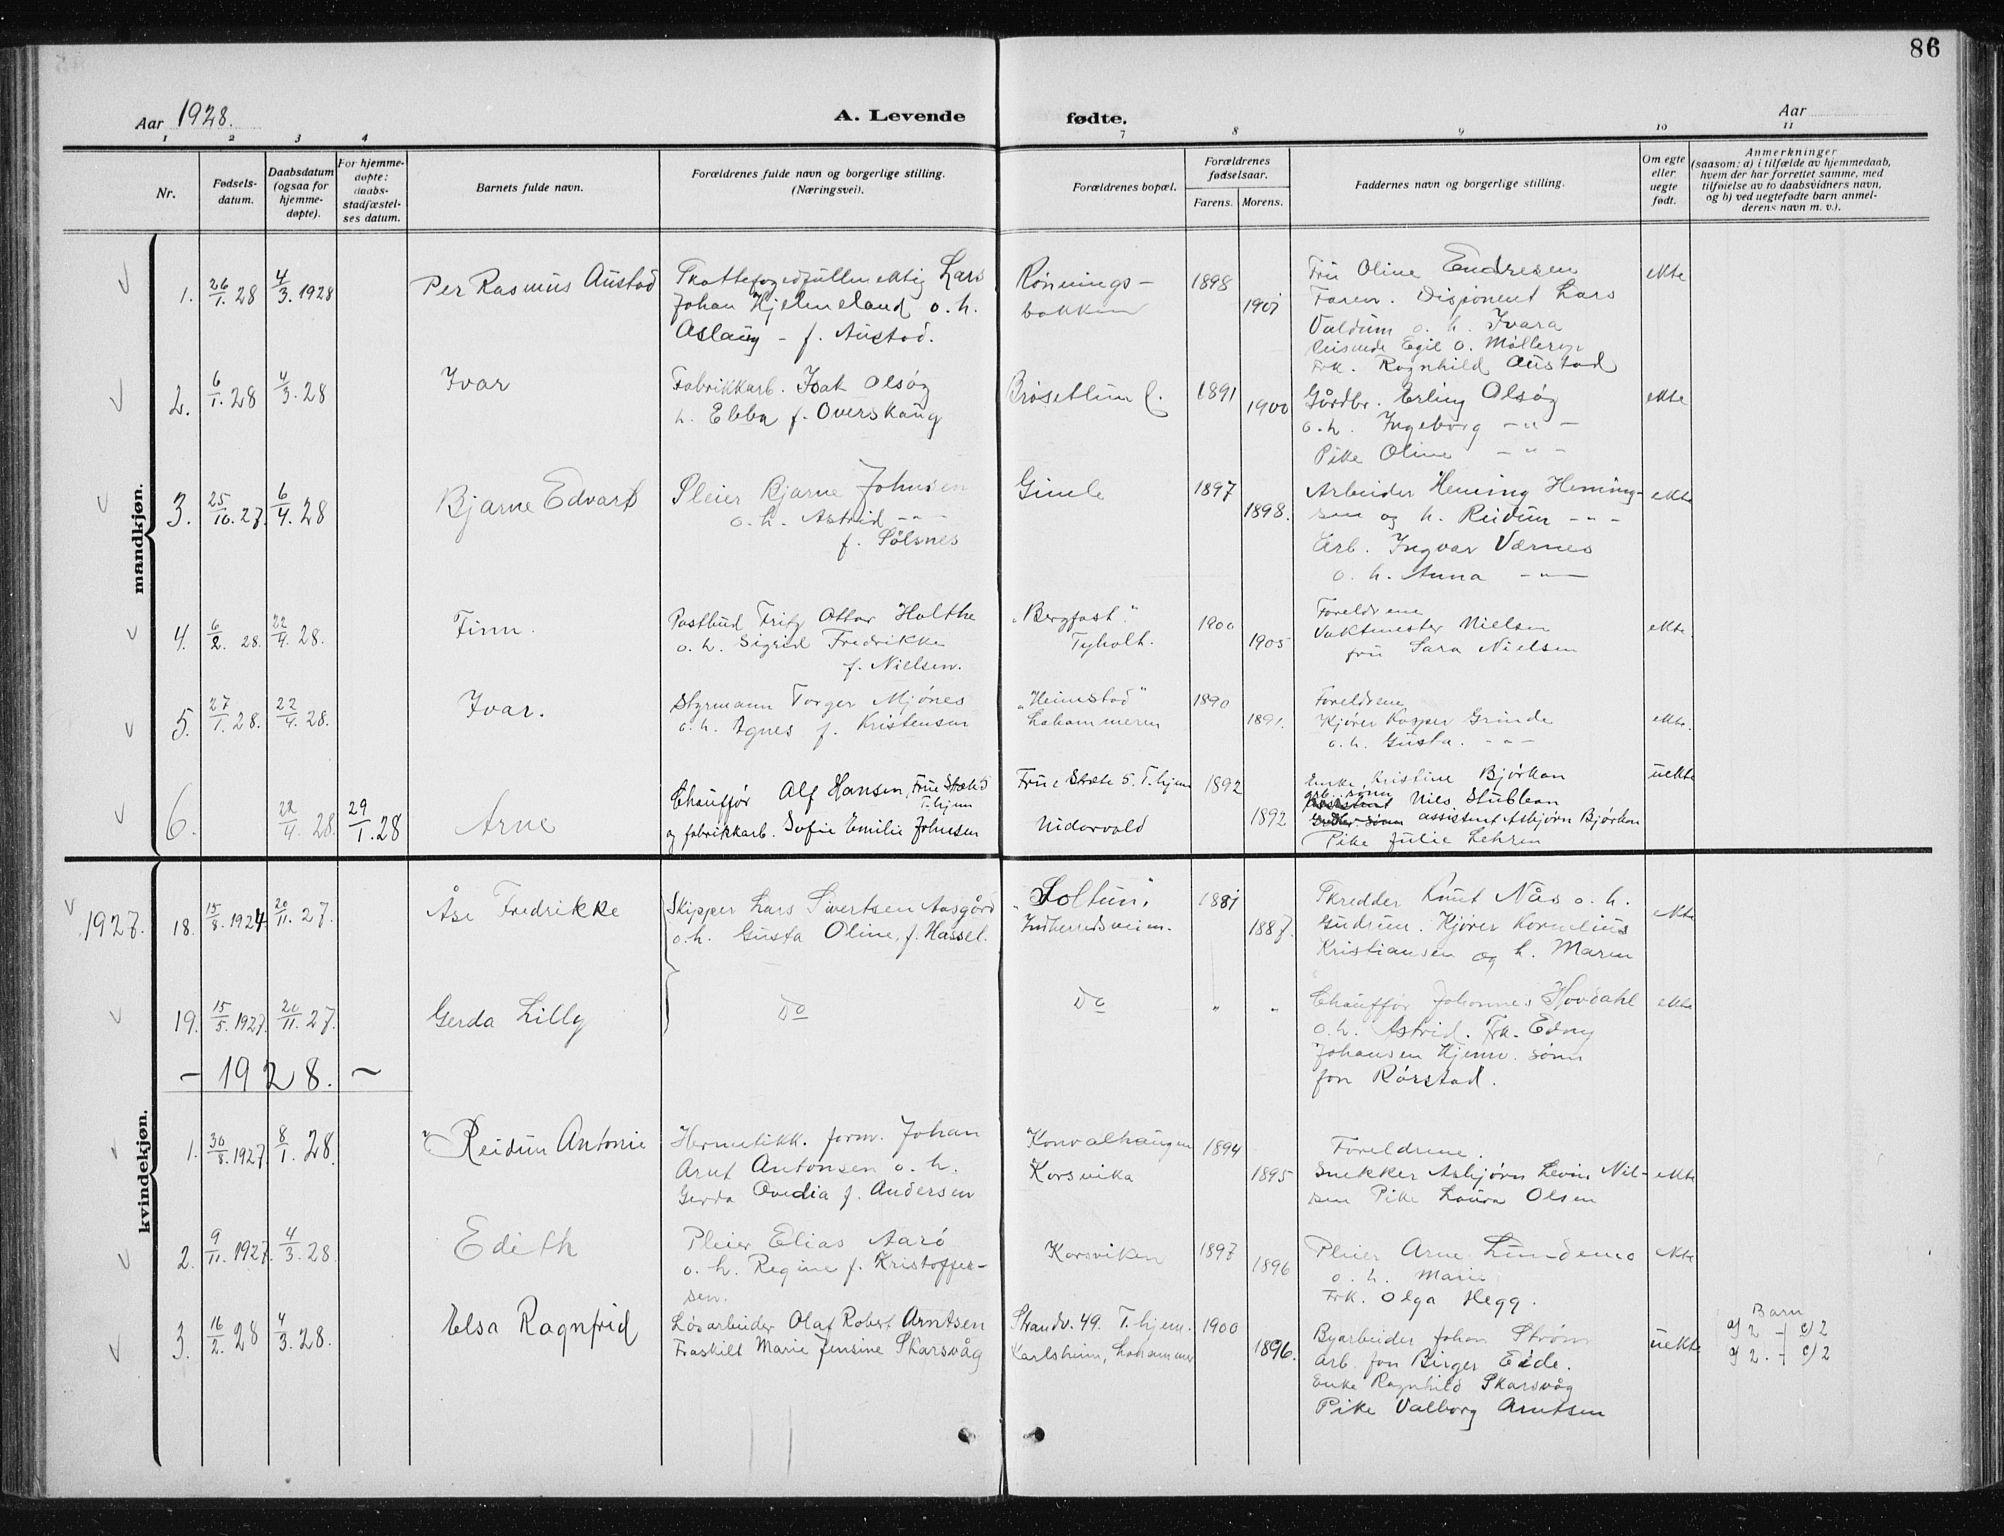 SAT, Ministerialprotokoller, klokkerbøker og fødselsregistre - Sør-Trøndelag, 606/L0314: Klokkerbok nr. 606C10, 1911-1937, s. 86